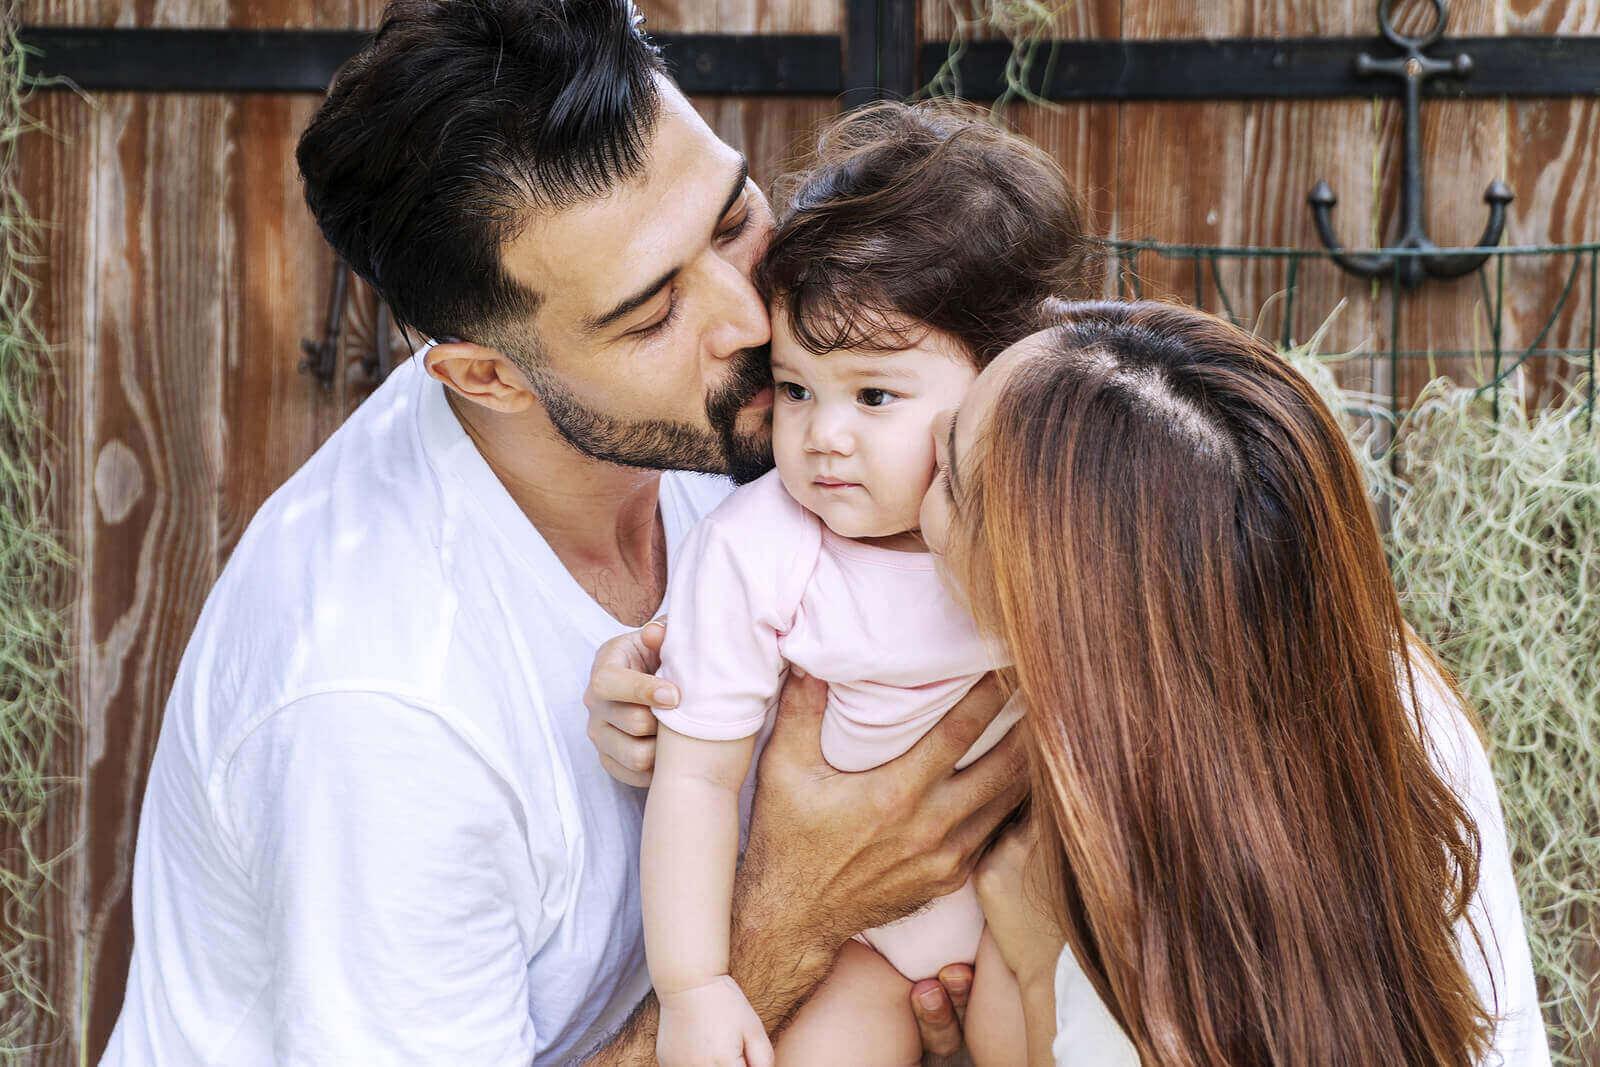 Lapsen emotionaalinen kehitys 6-12 kuukauden iässä